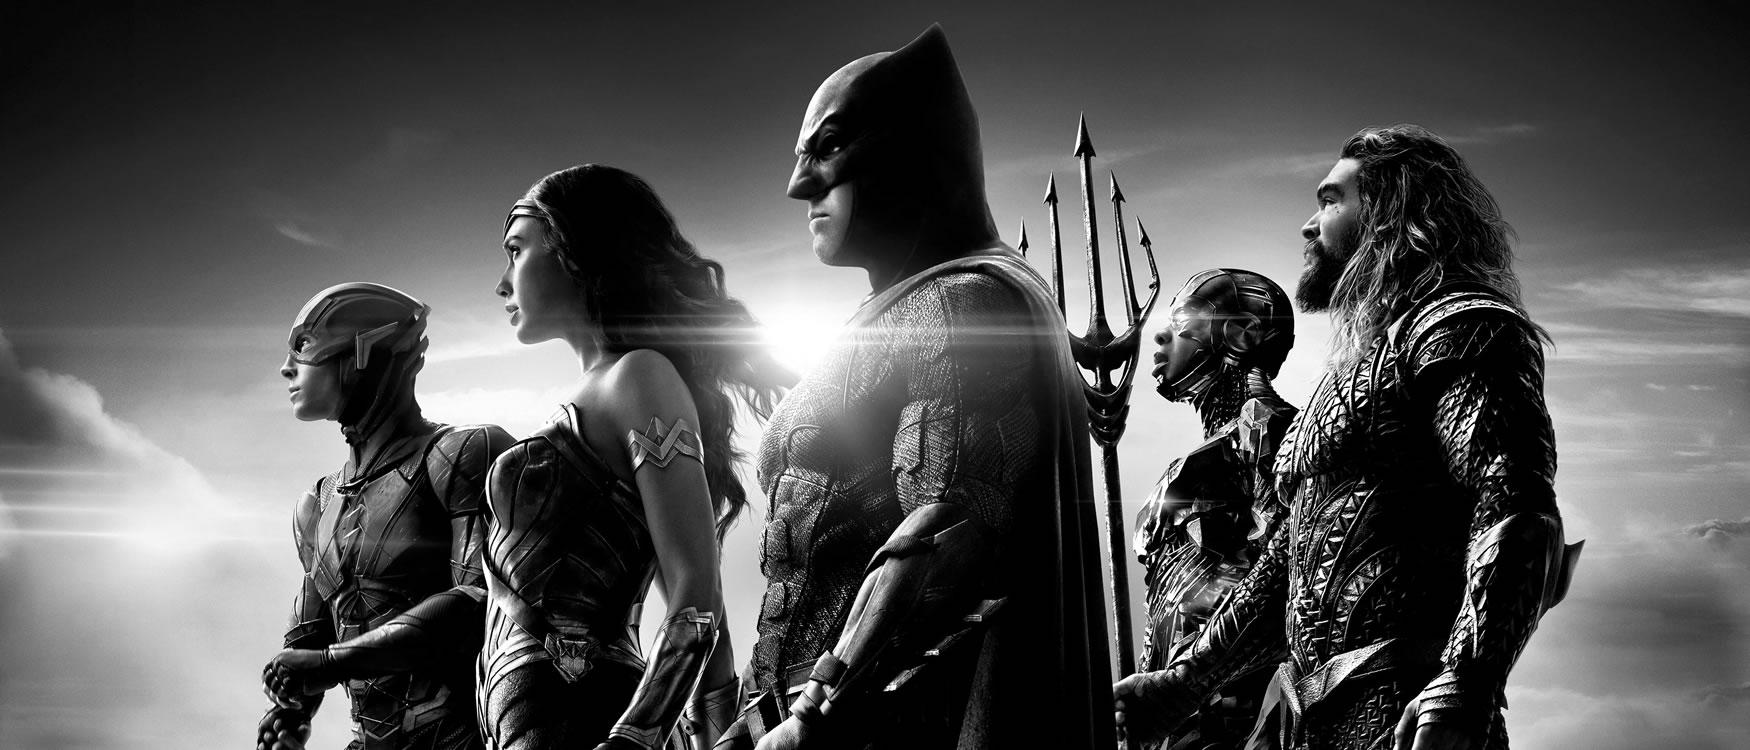 Liga da Justiça | Snyder Cut: tudo o que sabemos sobre o filme • Coletivo  Nerd